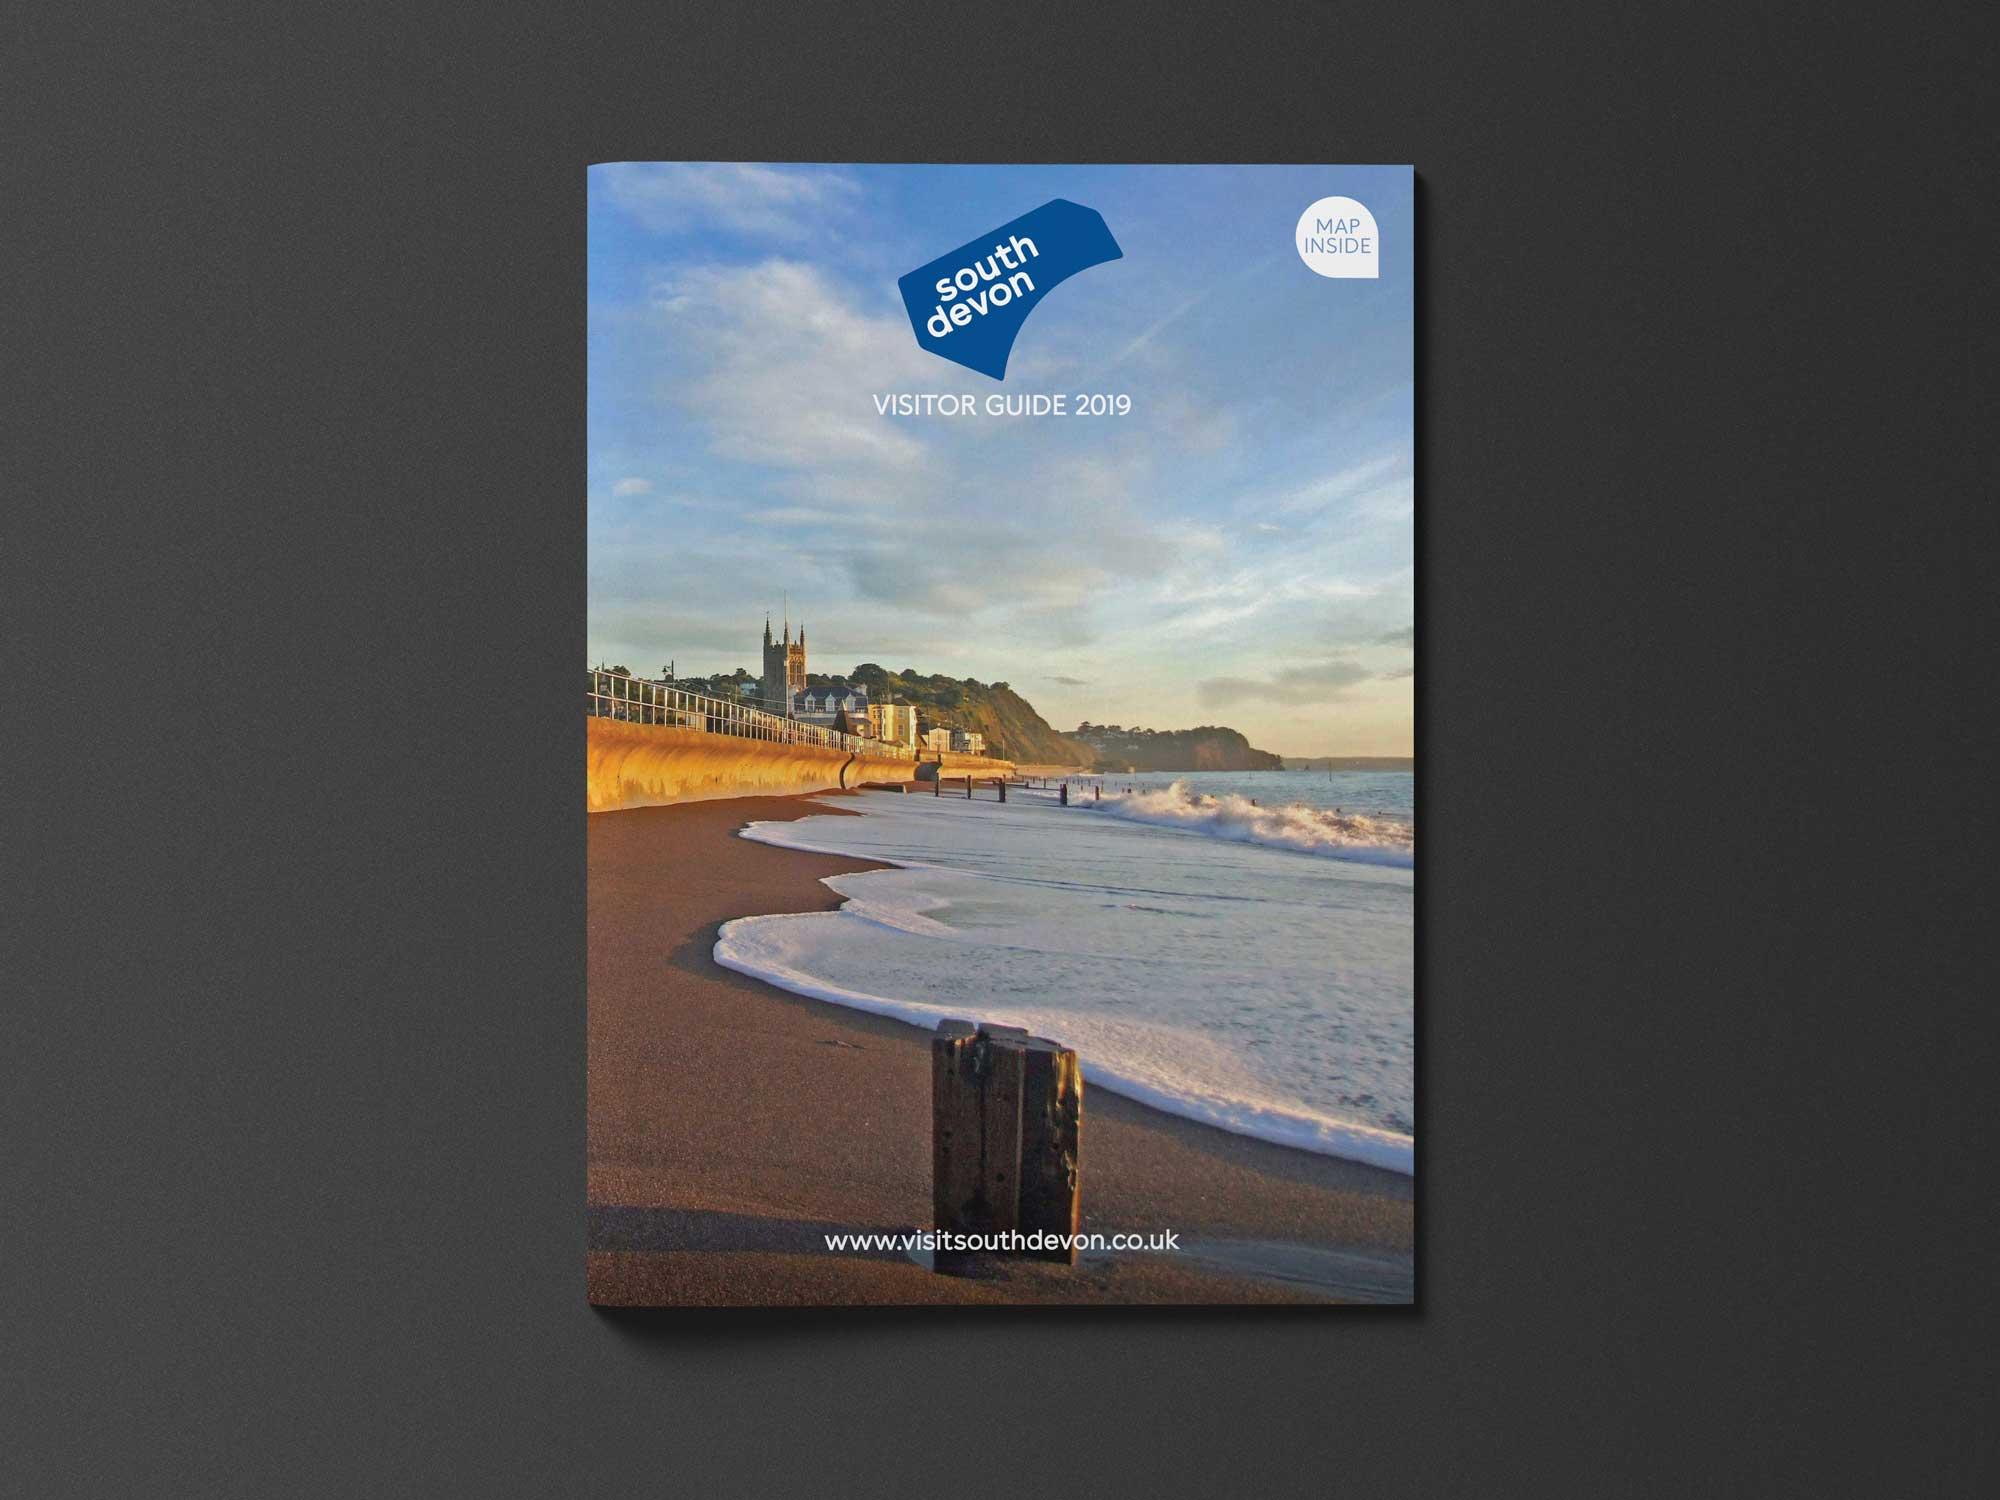 South Devon guide 2019